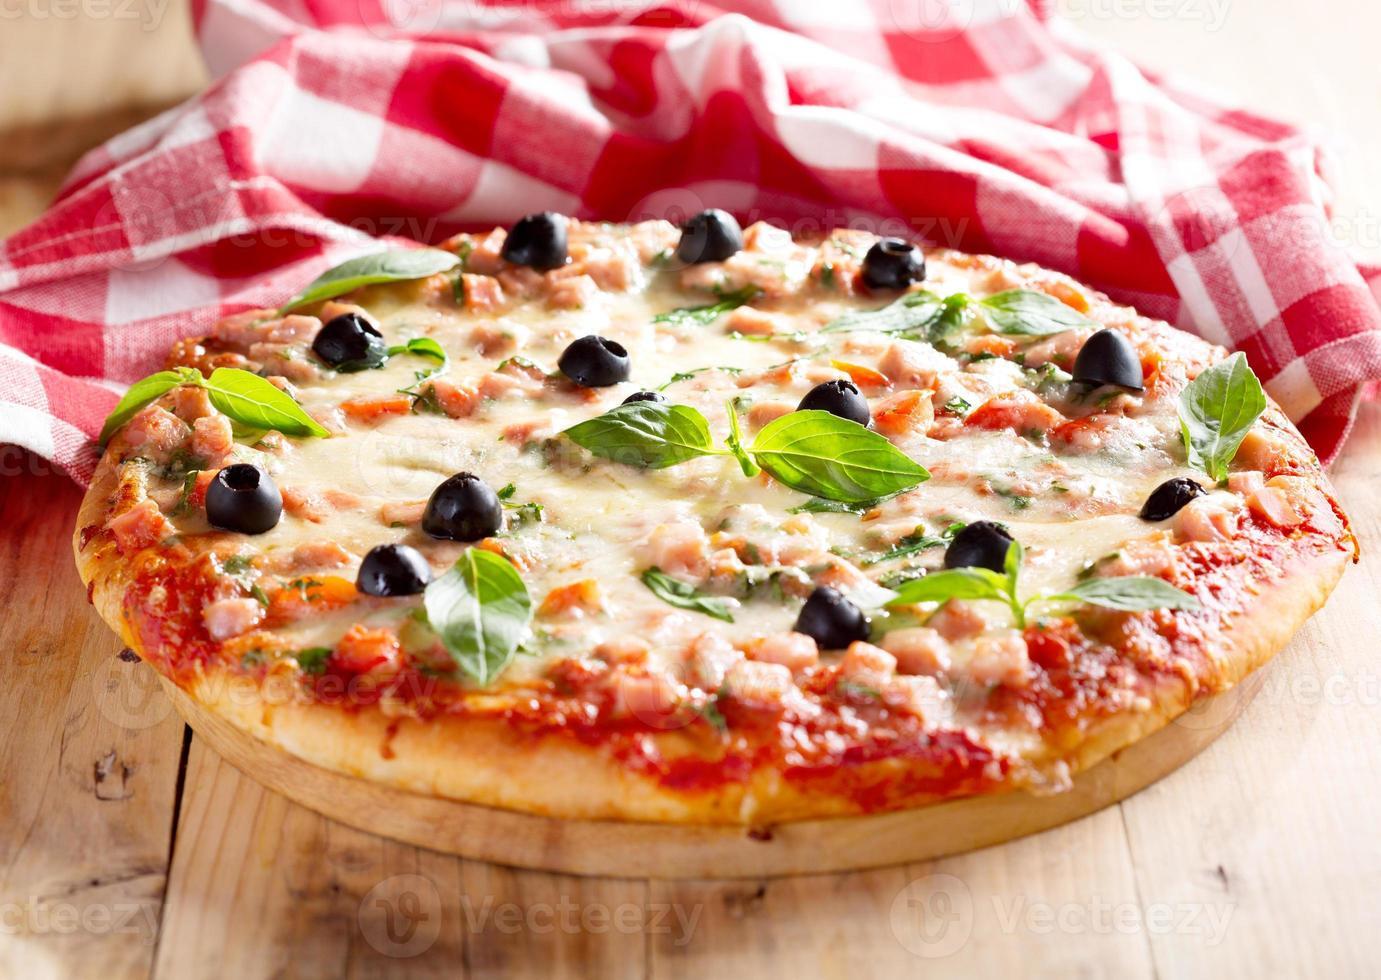 pizza con jamón y aceitunas foto